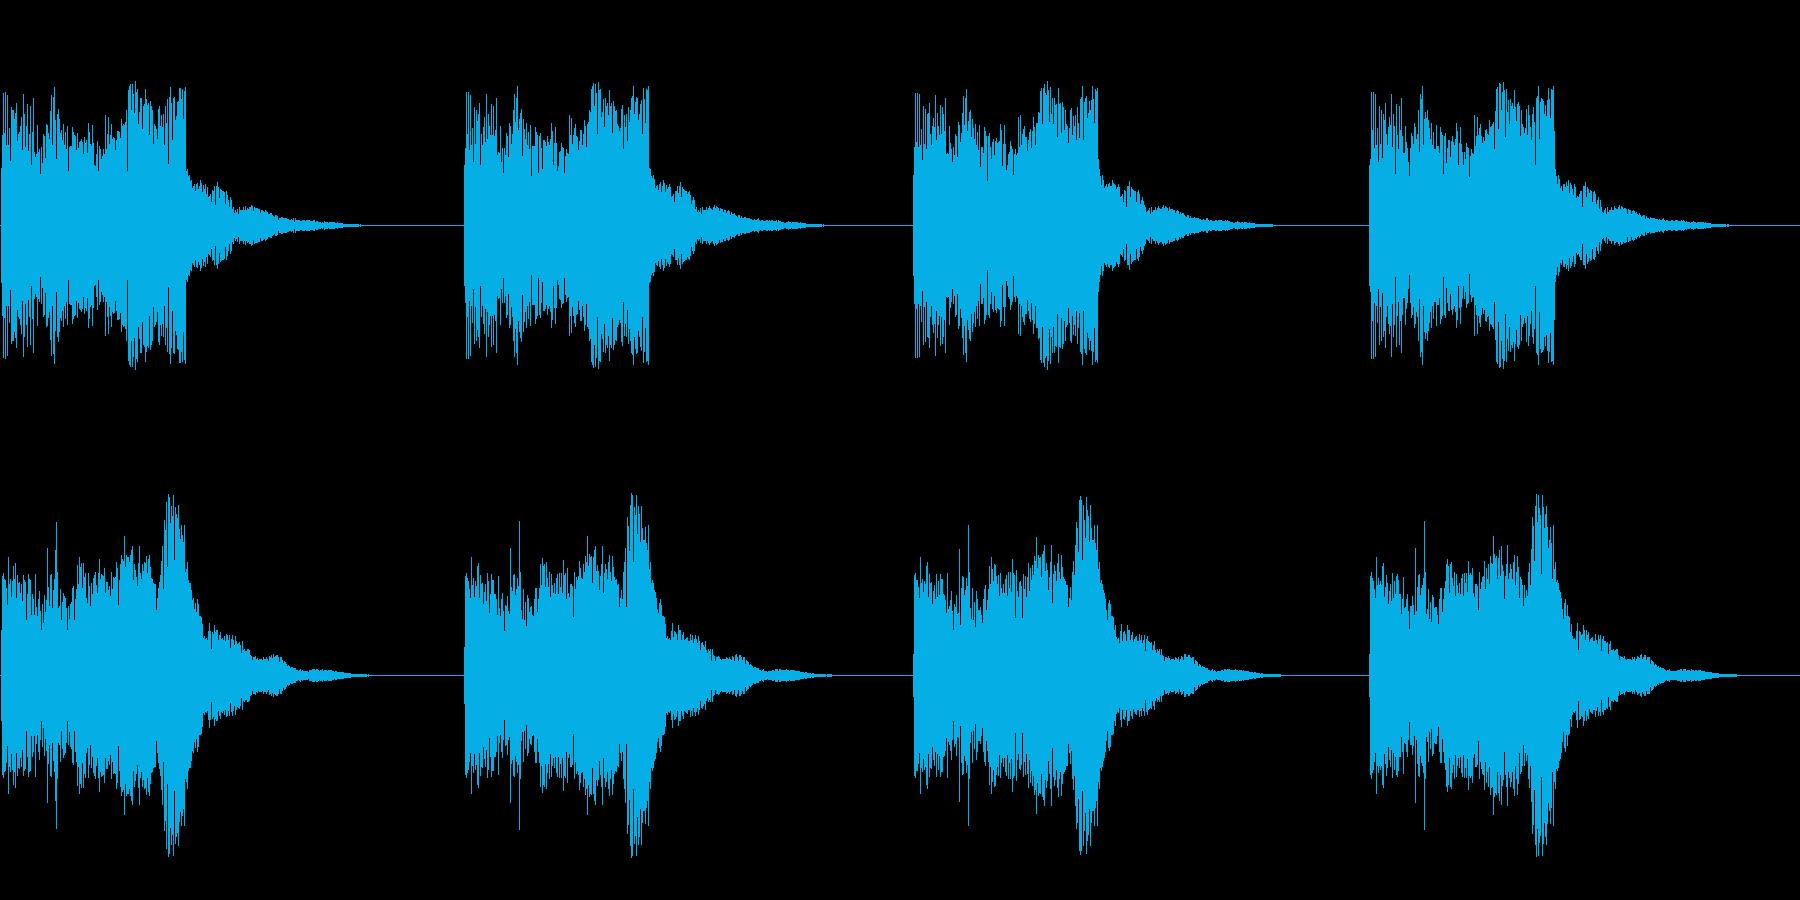 ビー ビー ビー ビー(アラーム)の再生済みの波形